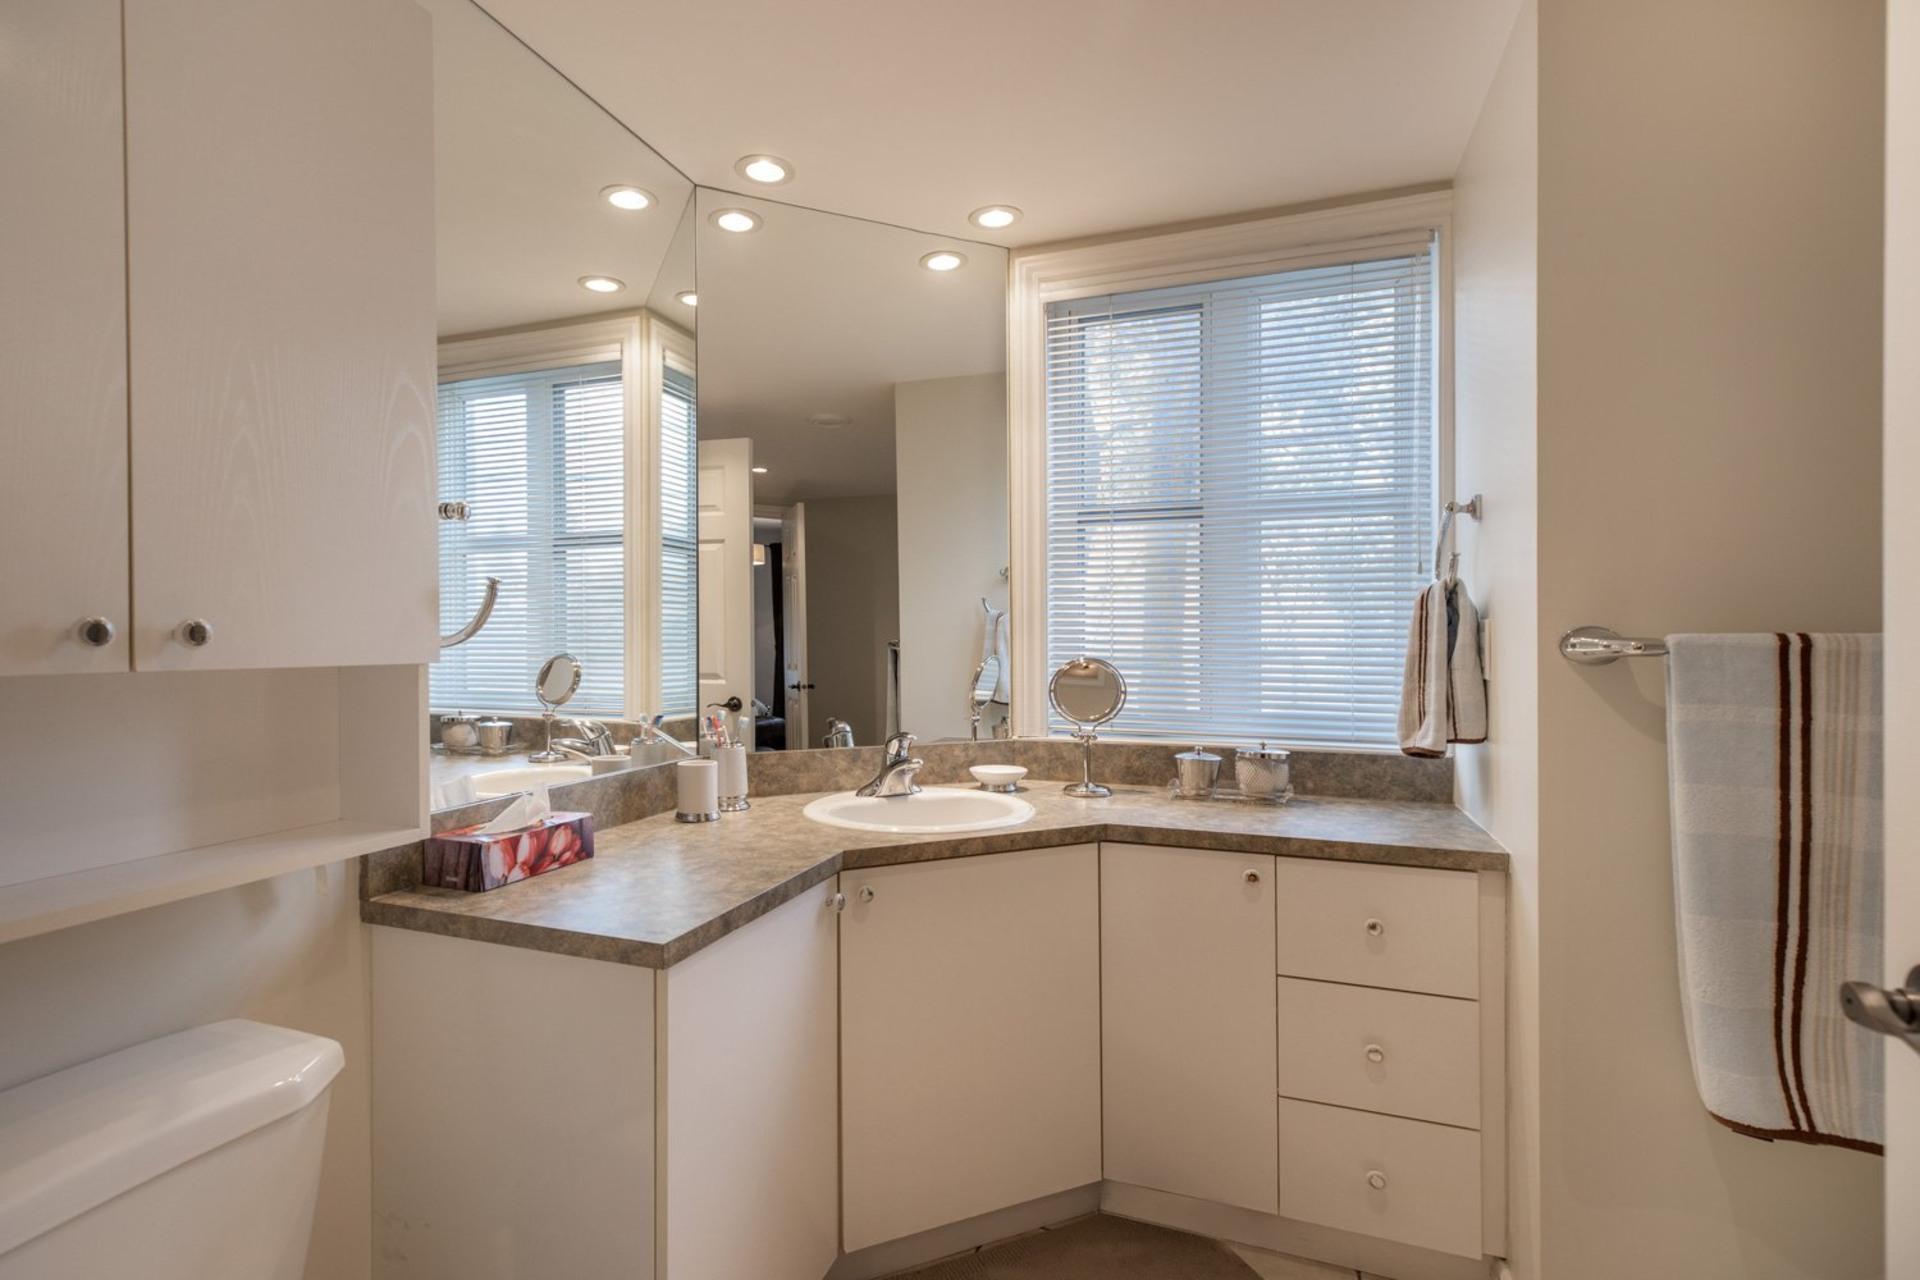 image 17 - House For sale Ahuntsic-Cartierville Montréal  - 8 rooms